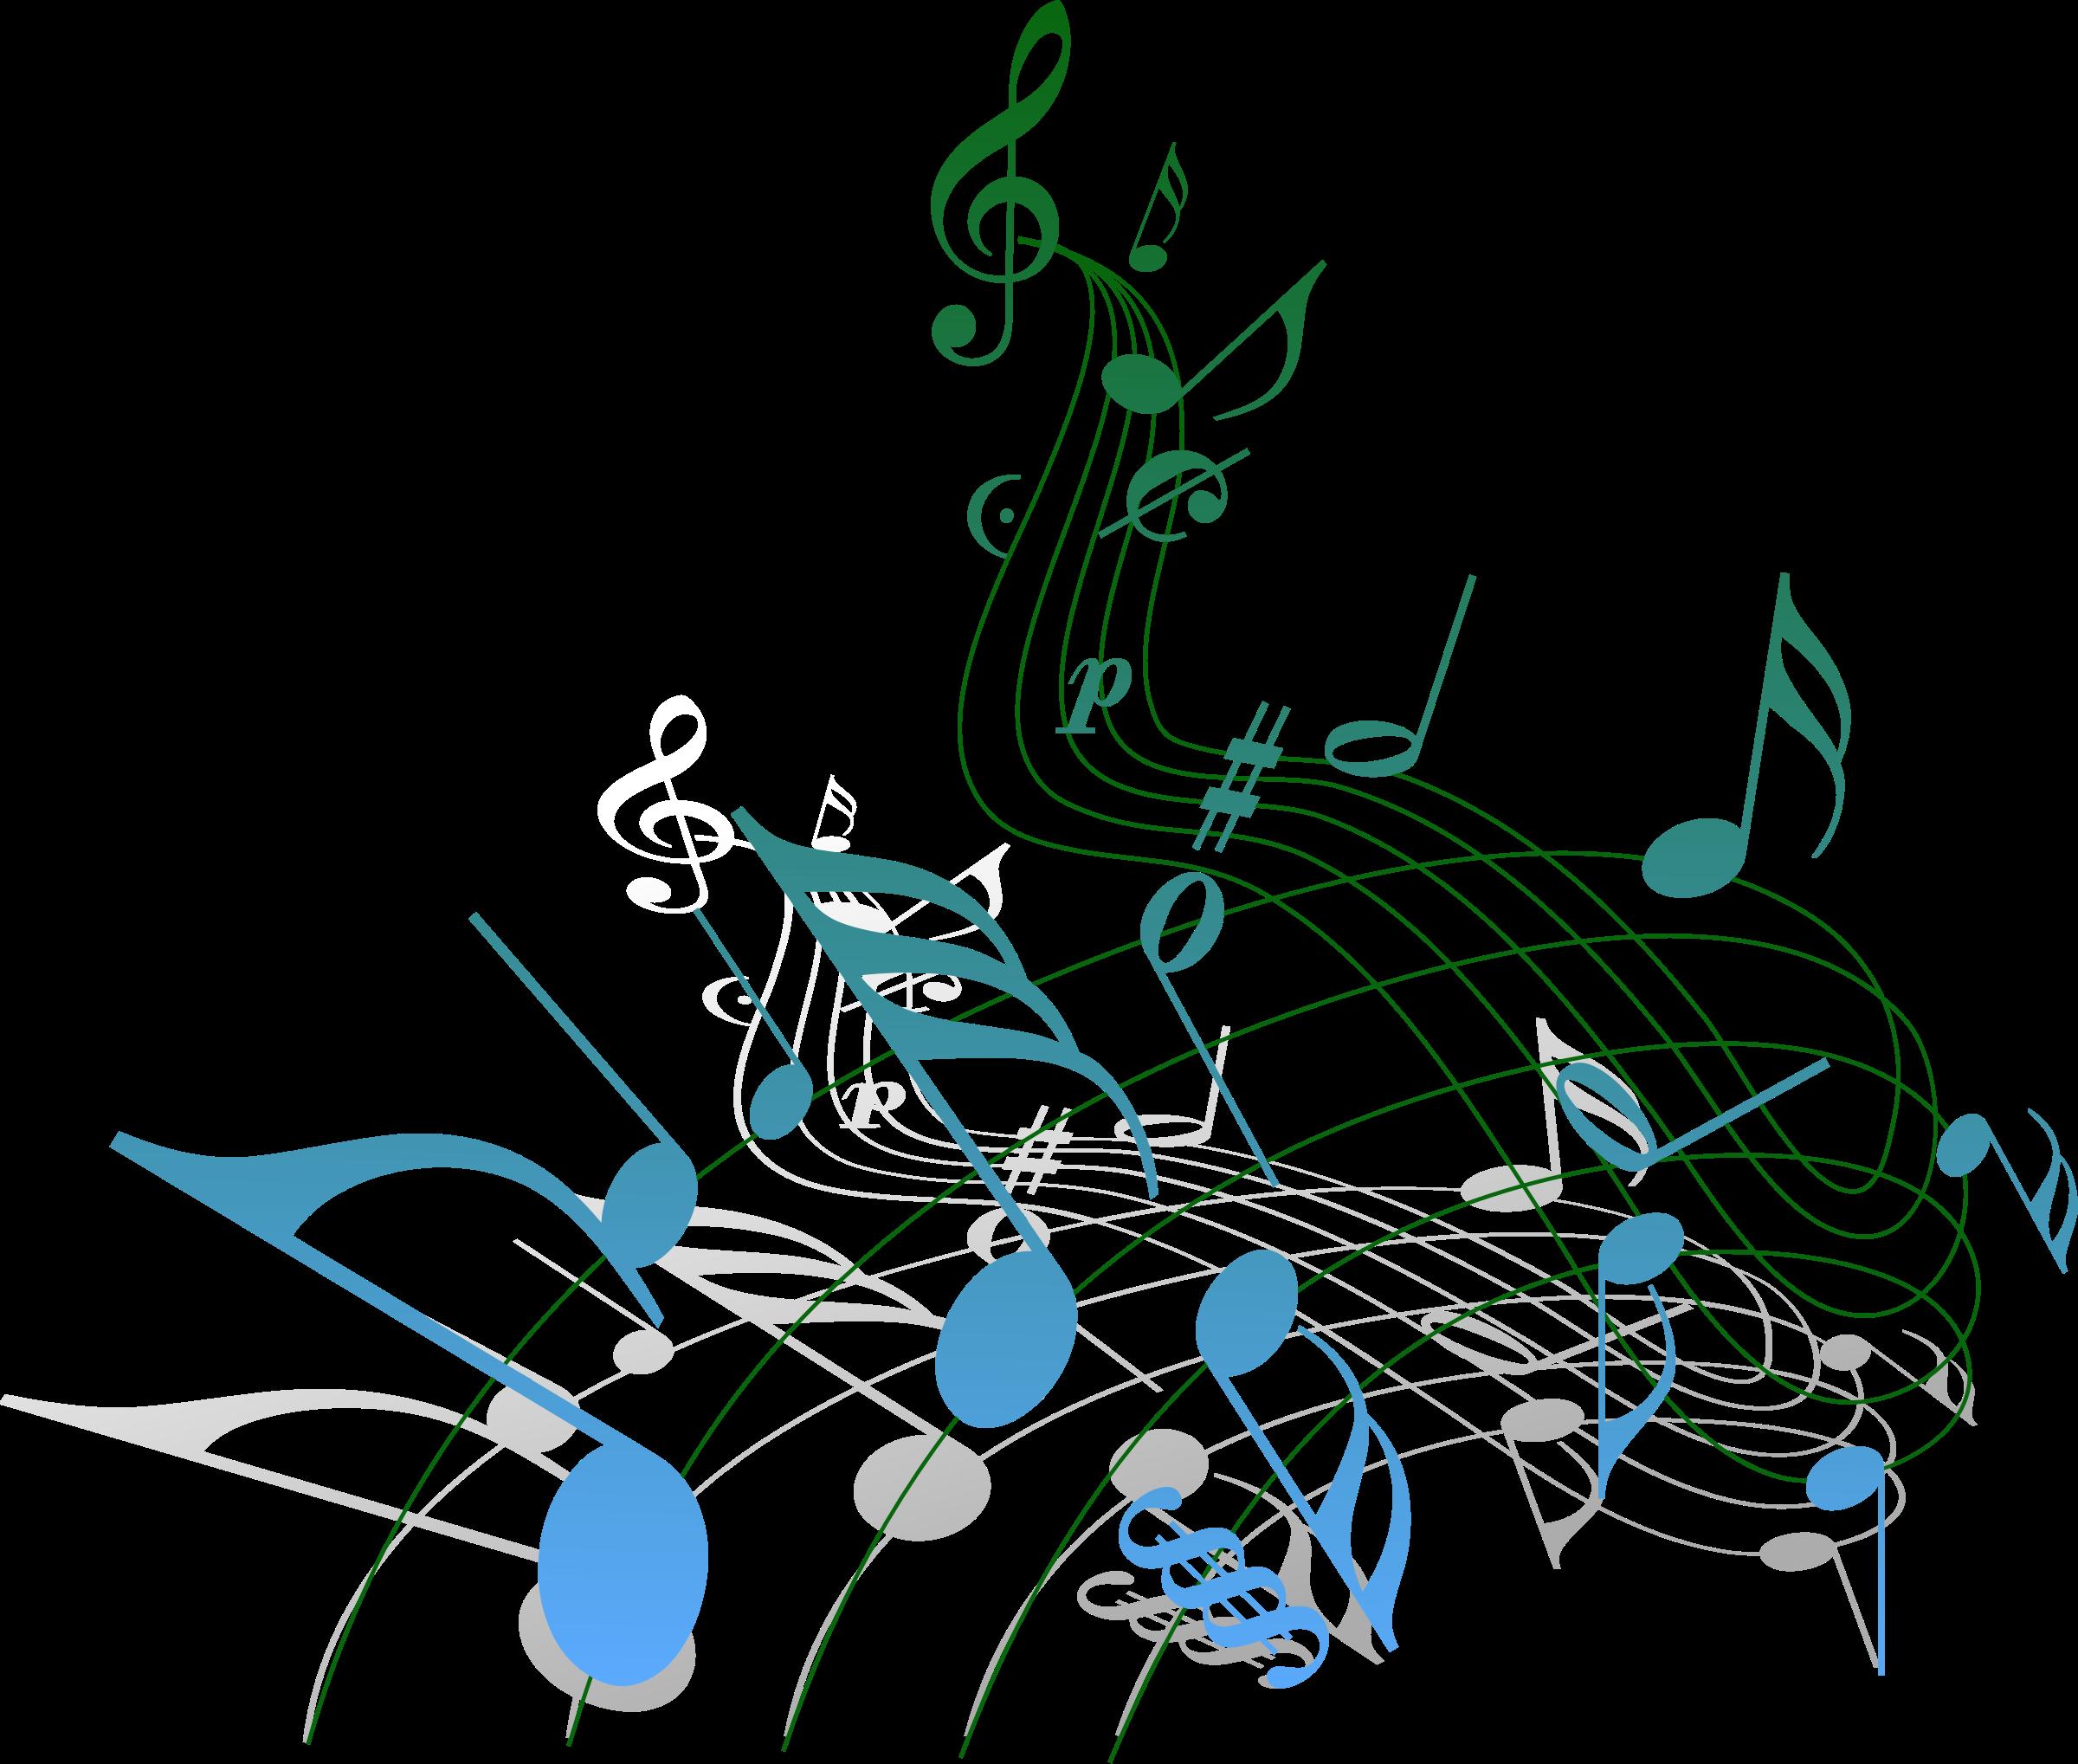 начальном графическое изображение музыки картинки позволяет планировка